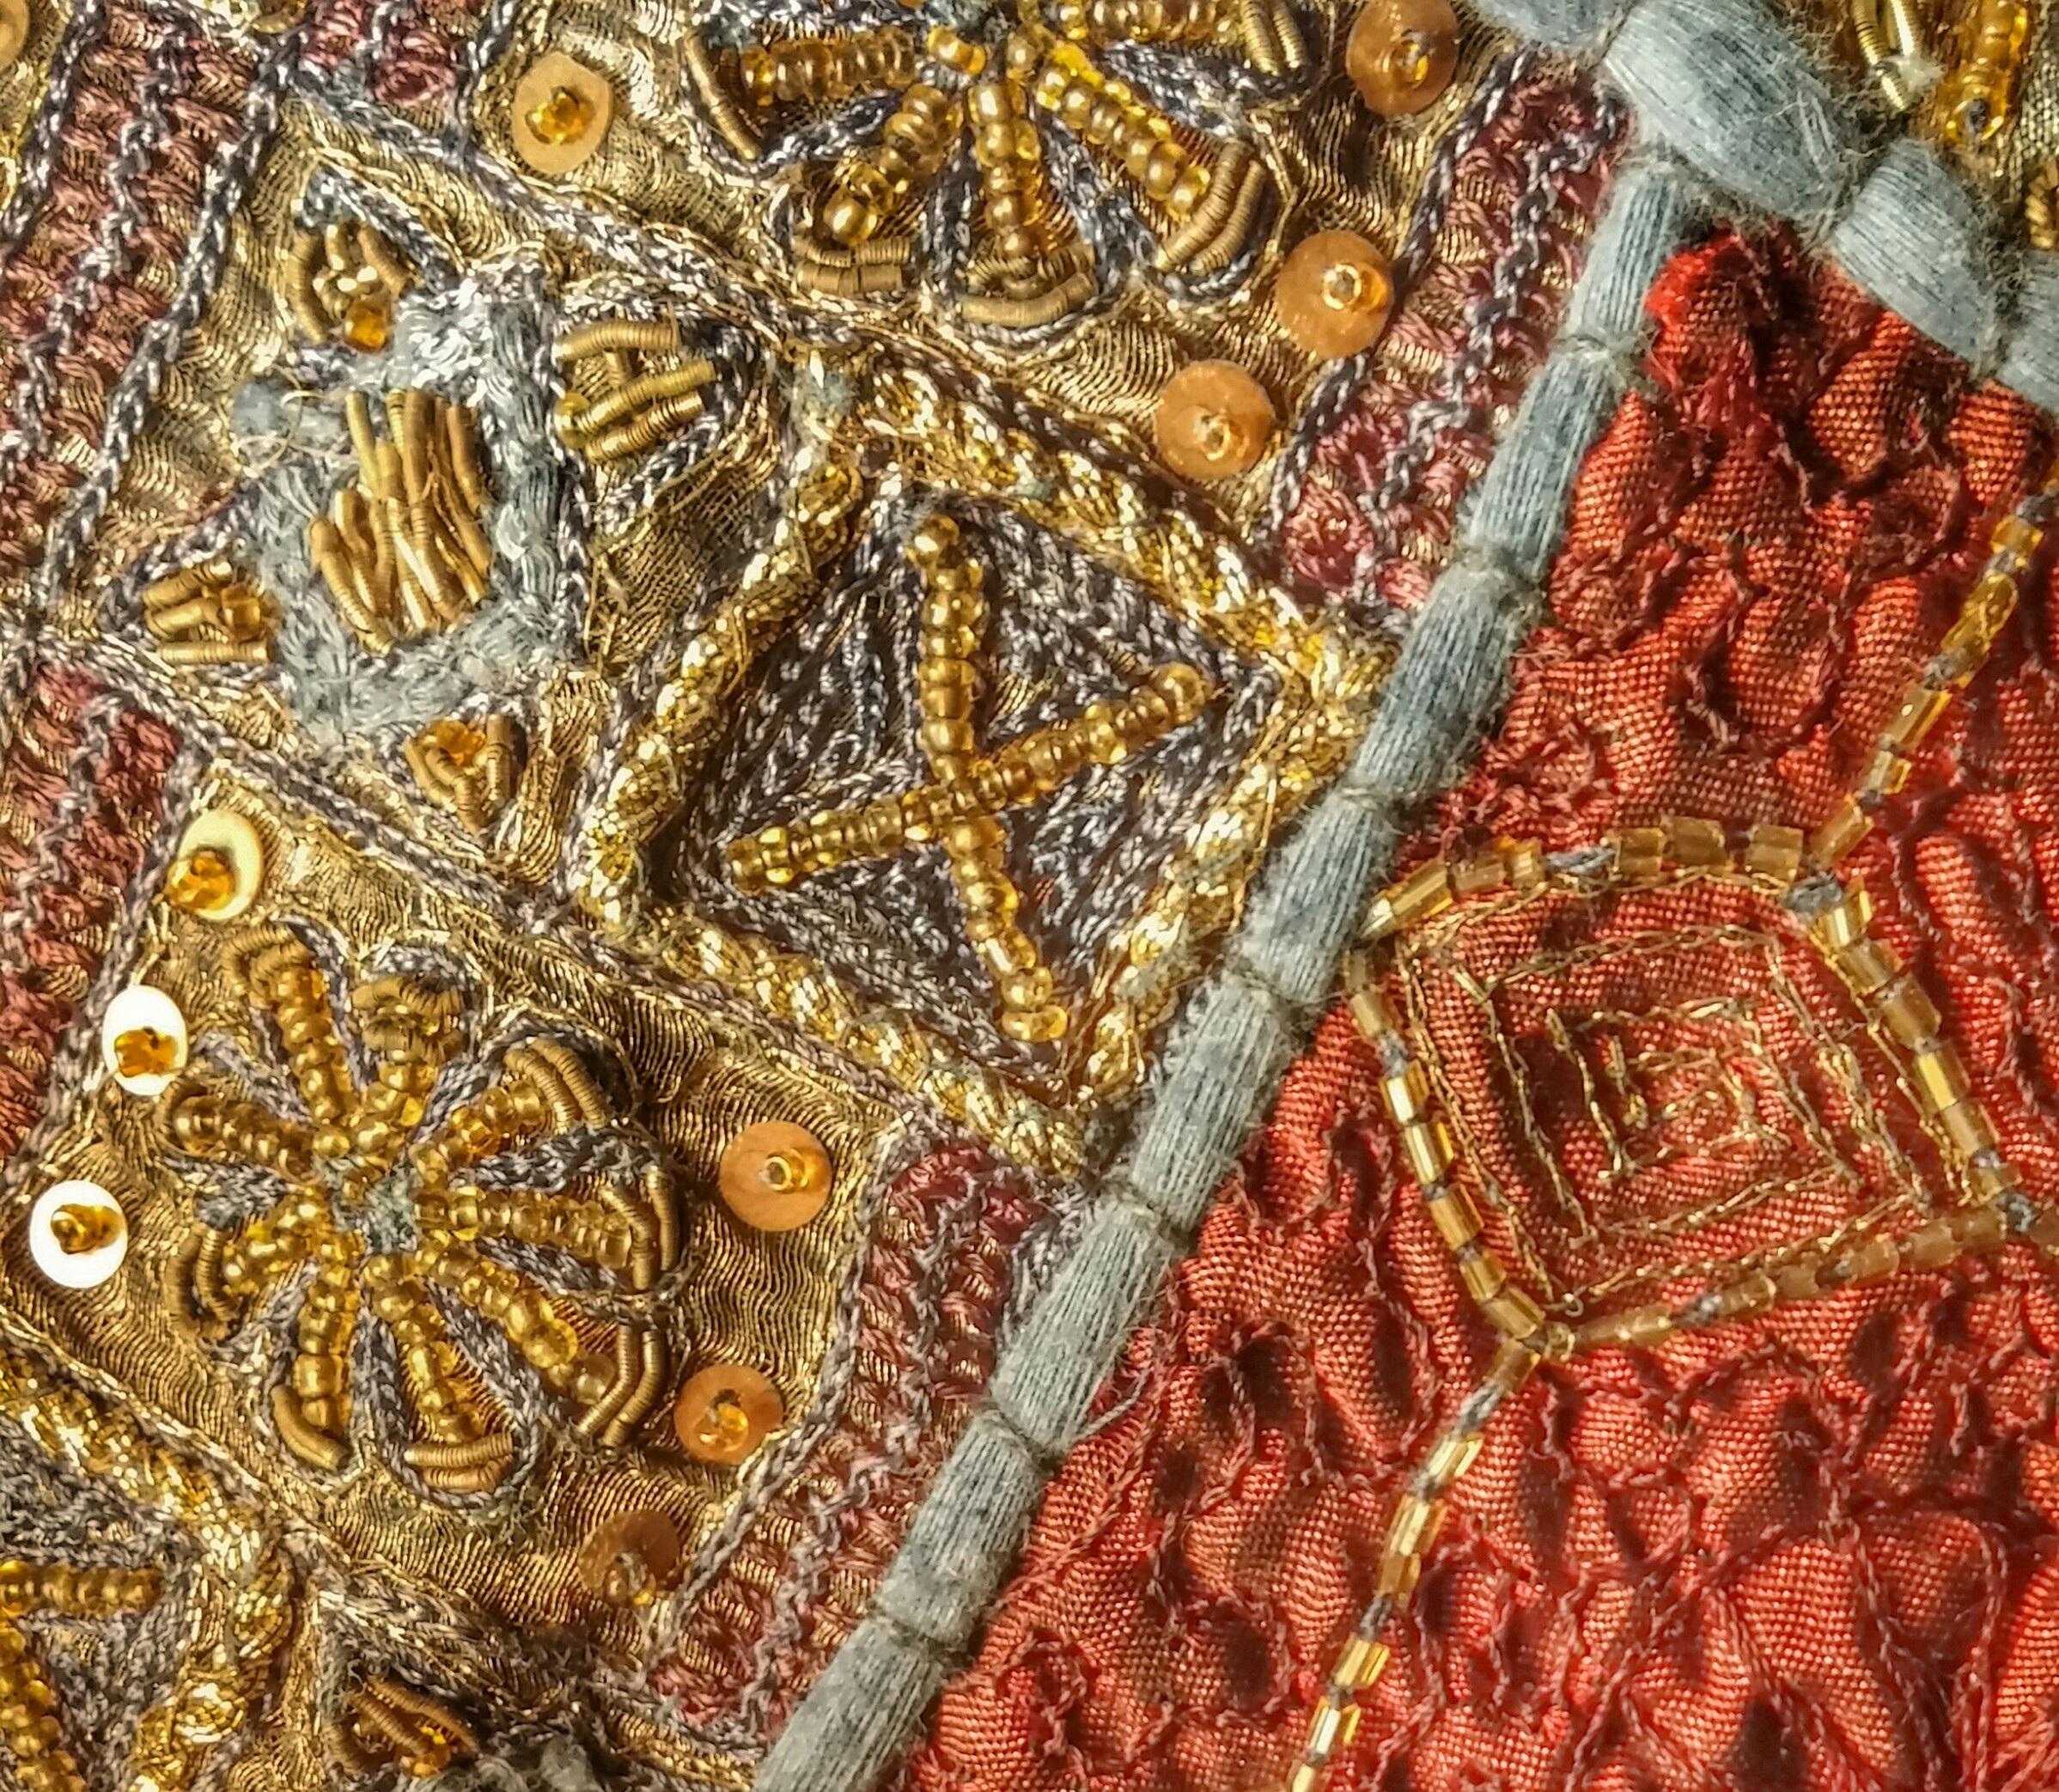 Kostenlose foto : Textur, Orange, Muster, Kunst, ethnisch, Stoff ...